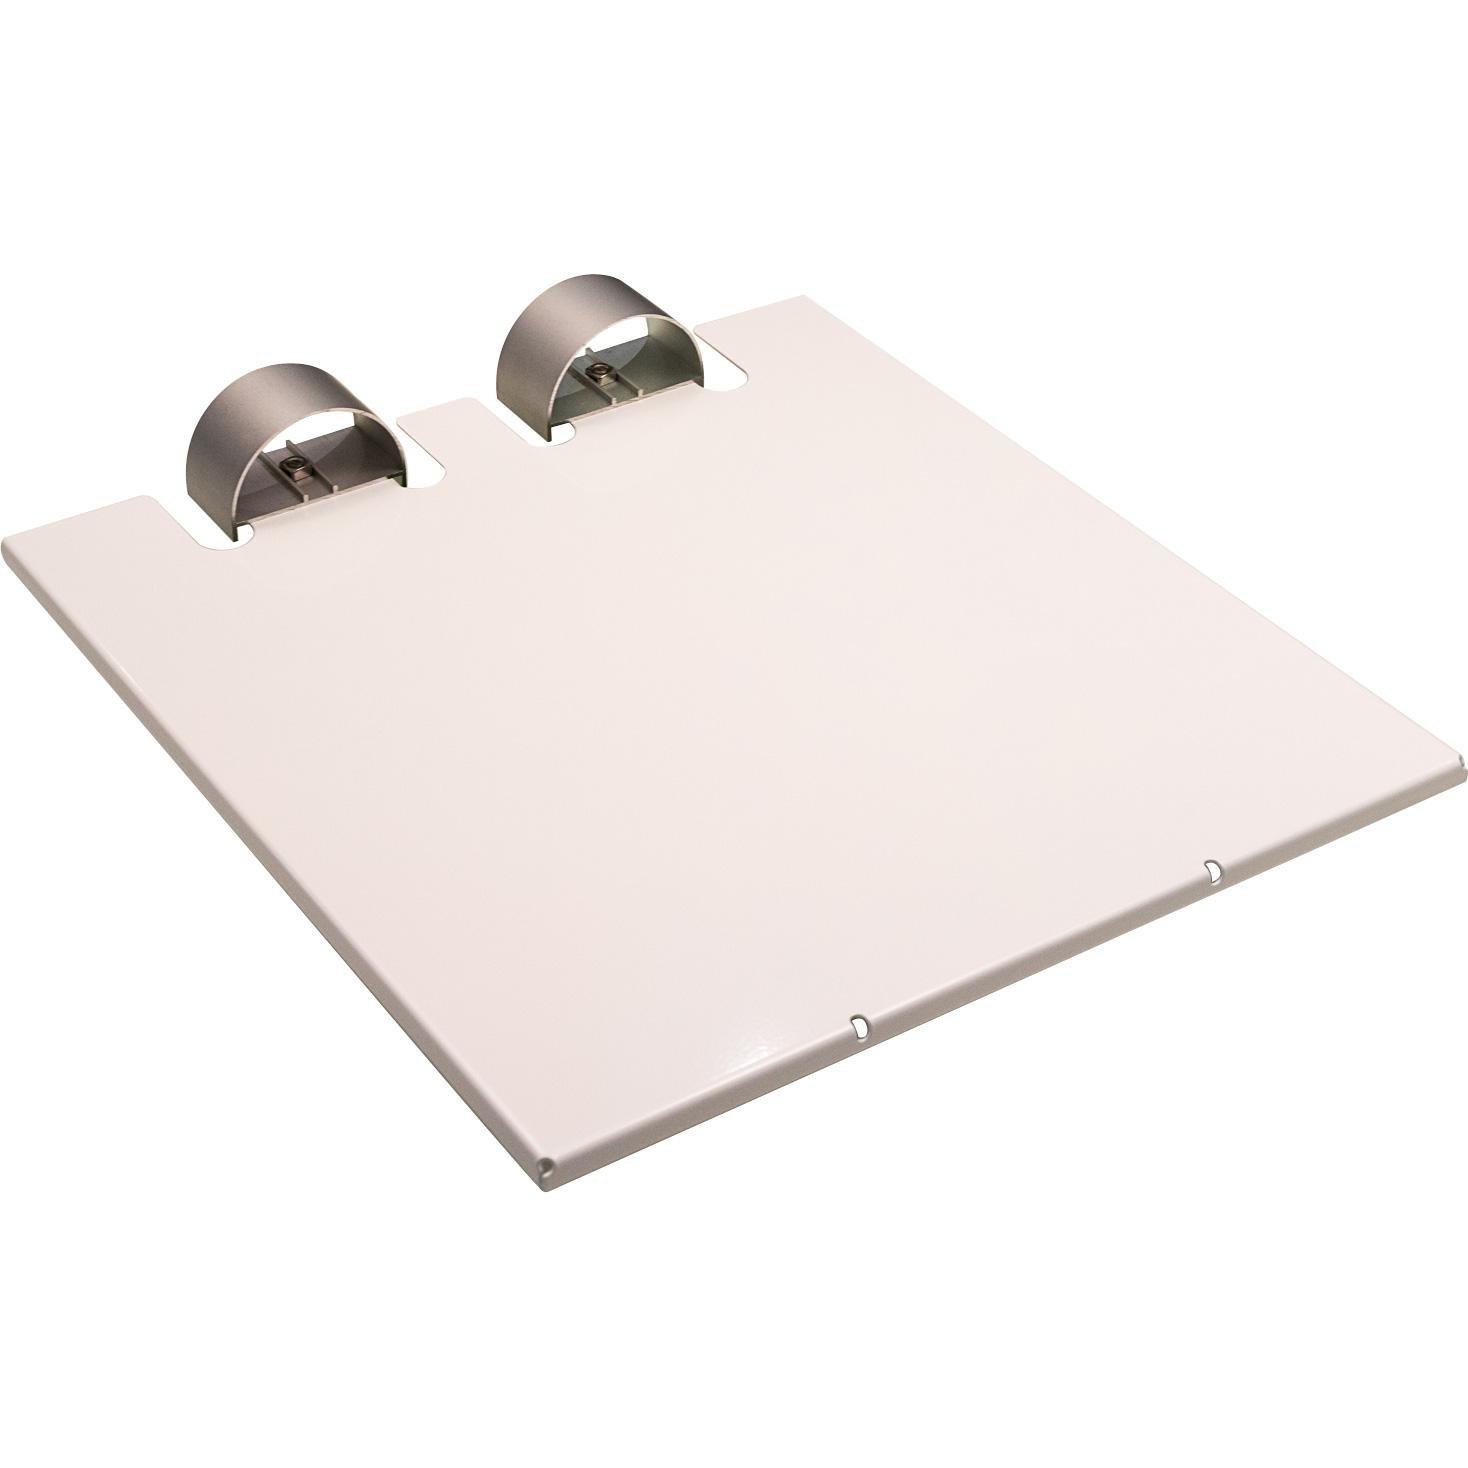 Tischplatte für Fahrradträger | 04036231043833